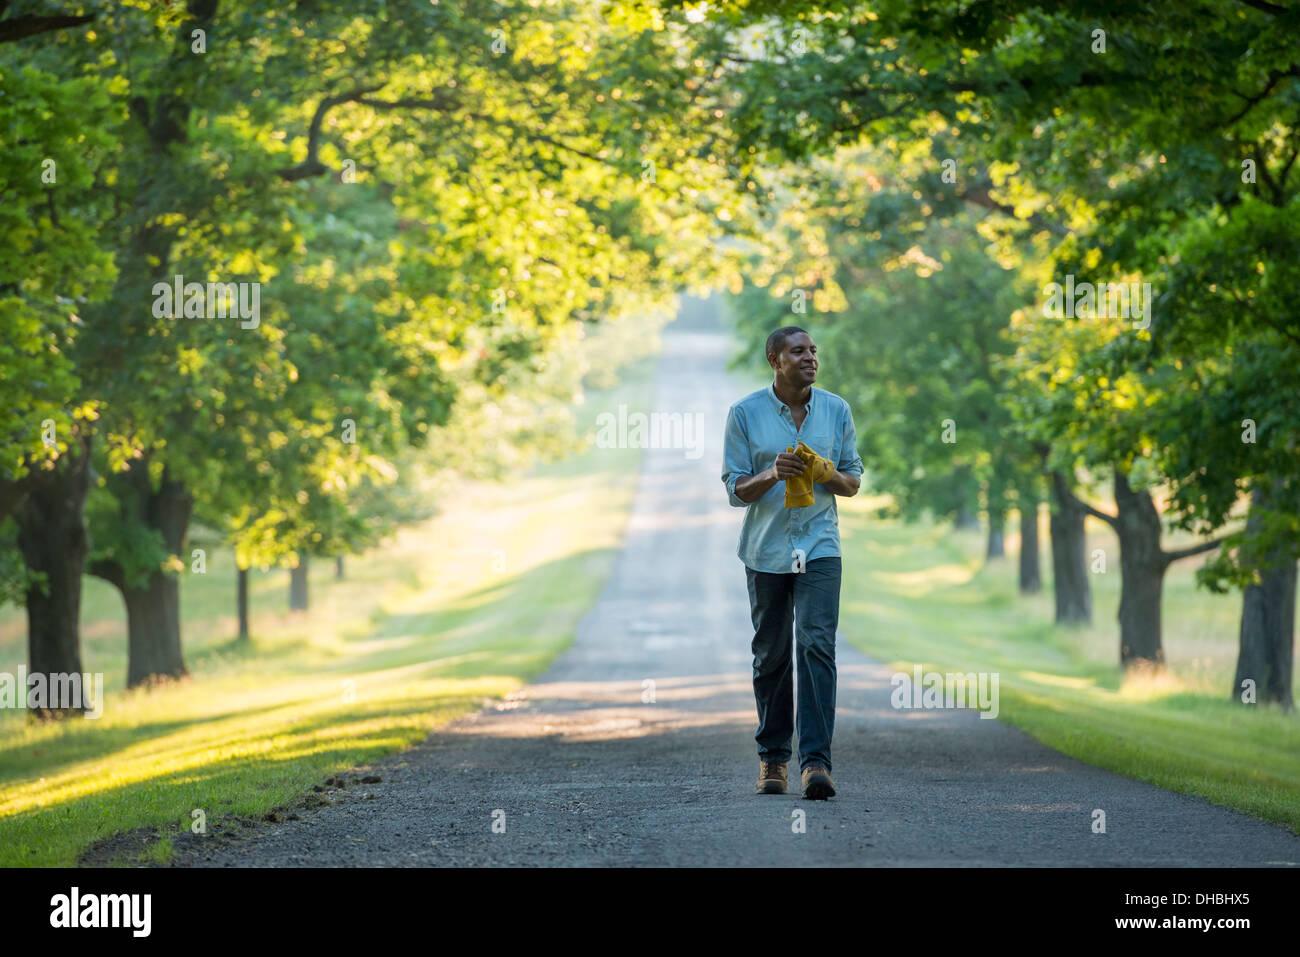 Un hombre caminando por una avenida arbolada en el campo. Imagen De Stock